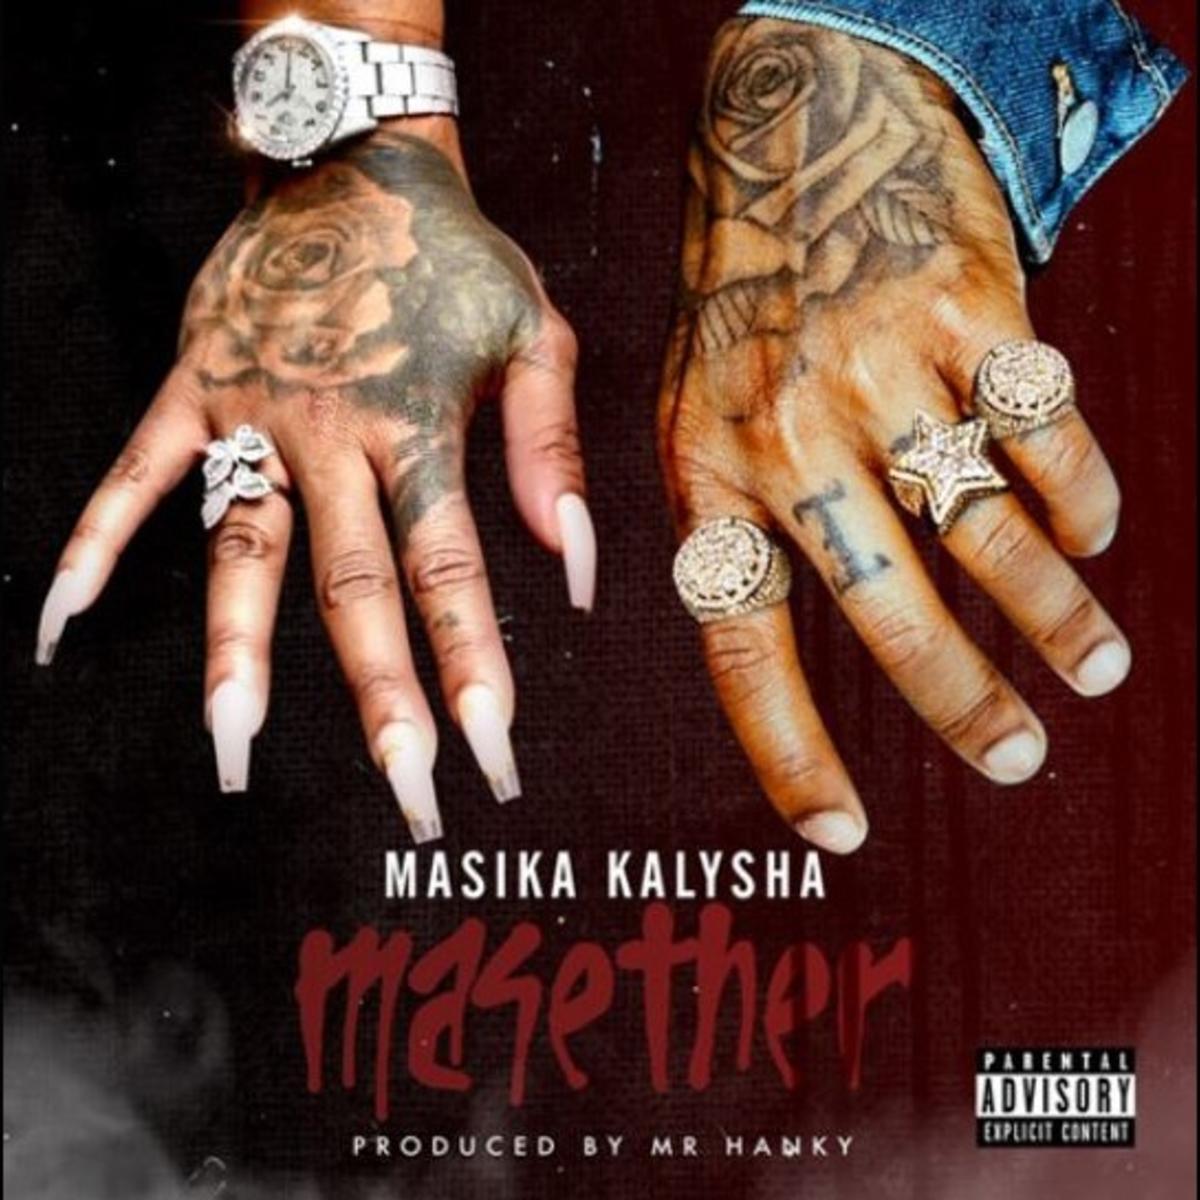 Masika Kalysha – Masether